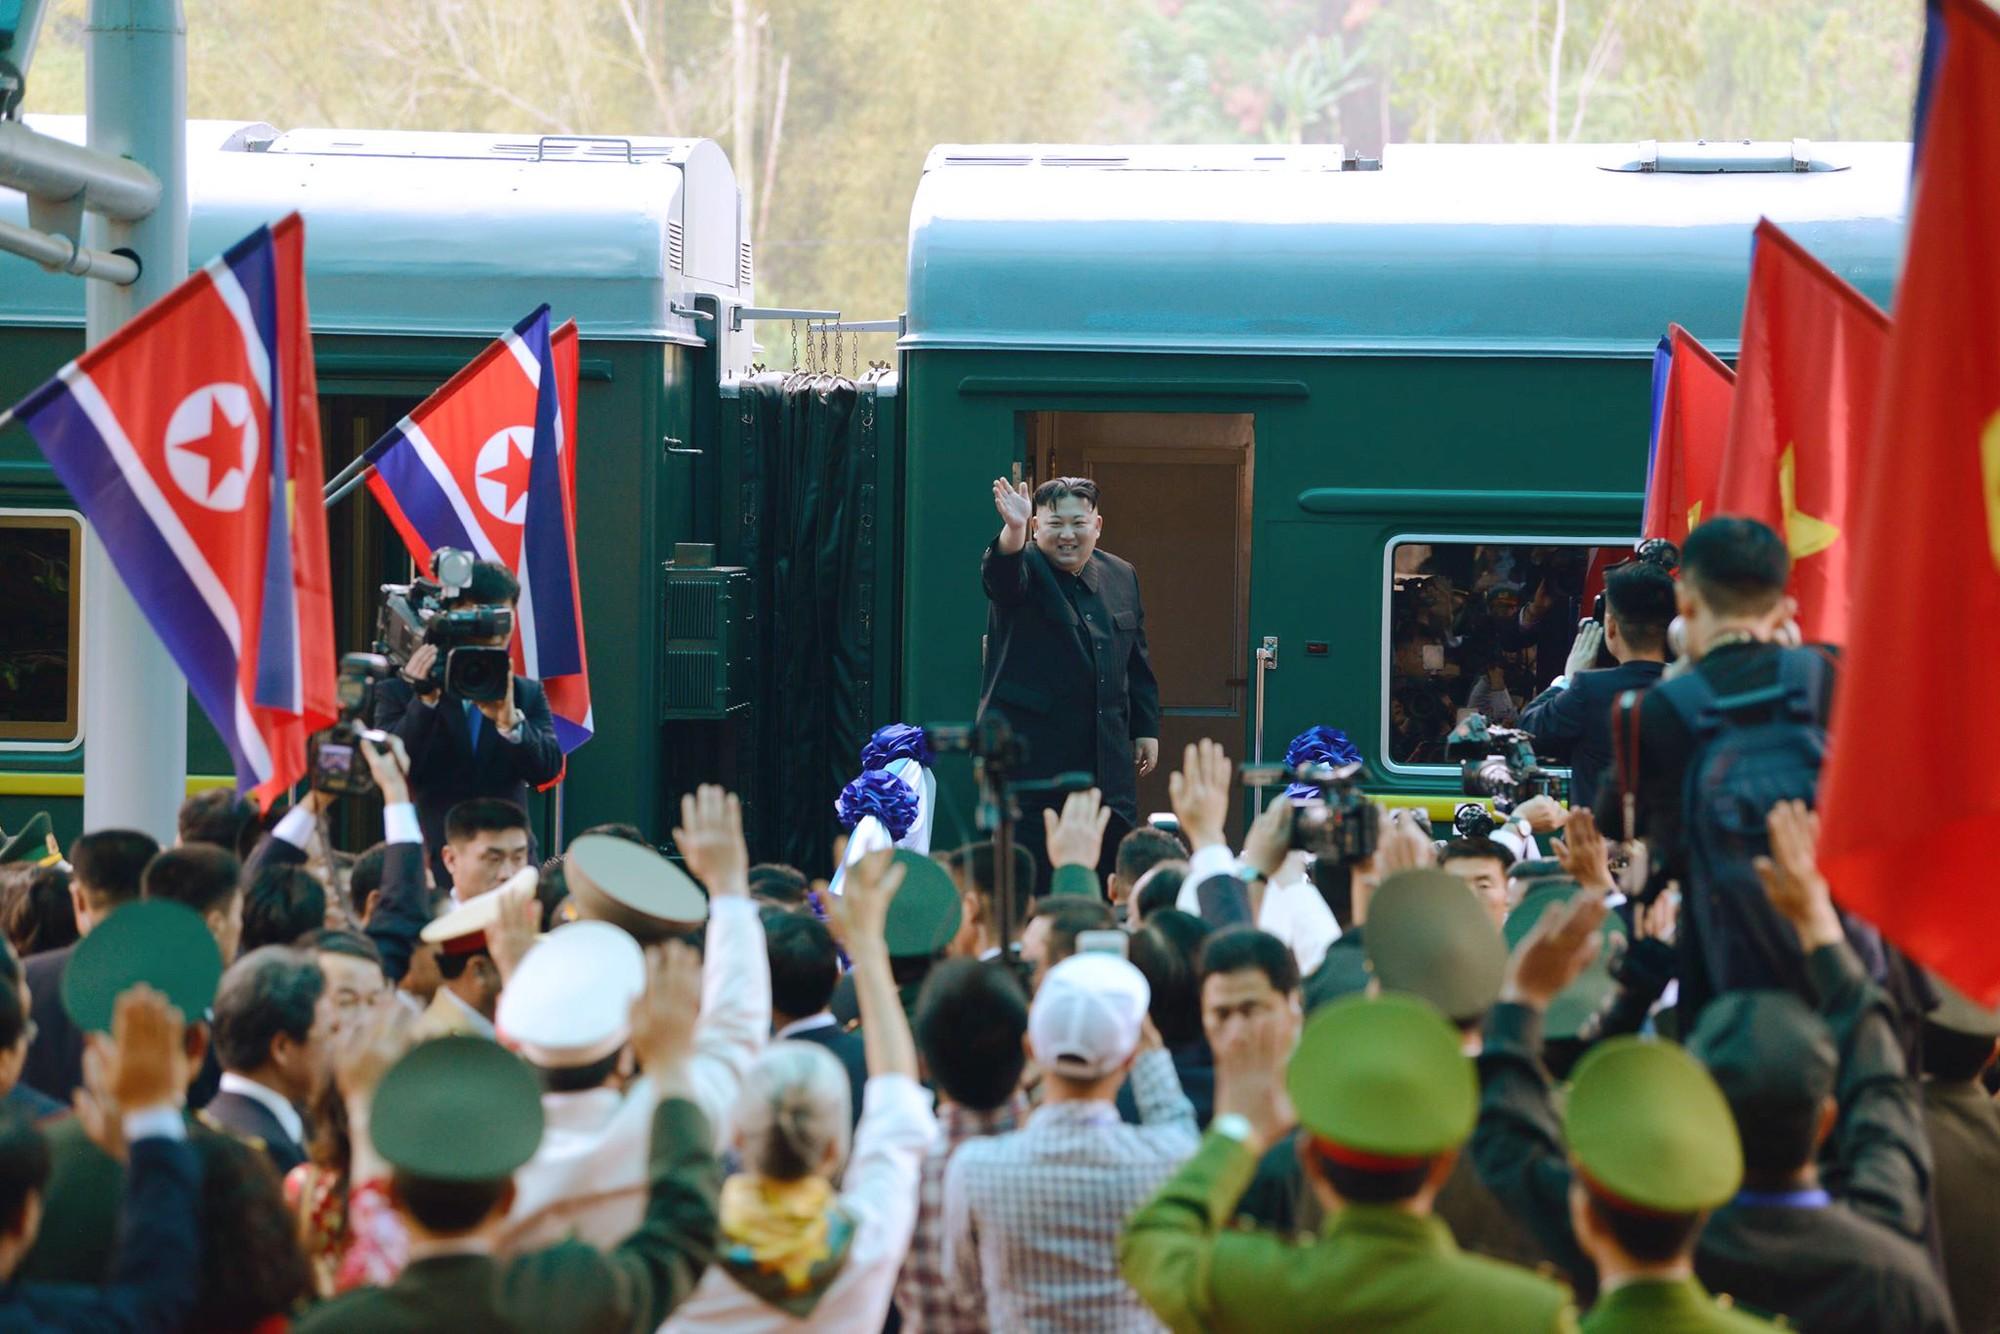 [PHOTO ESSAY] Những khoảnh khắc lịch sử trong chuyến công du Việt Nam đầu tiên của Chủ tịch Kim Jong-un - Ảnh 29.